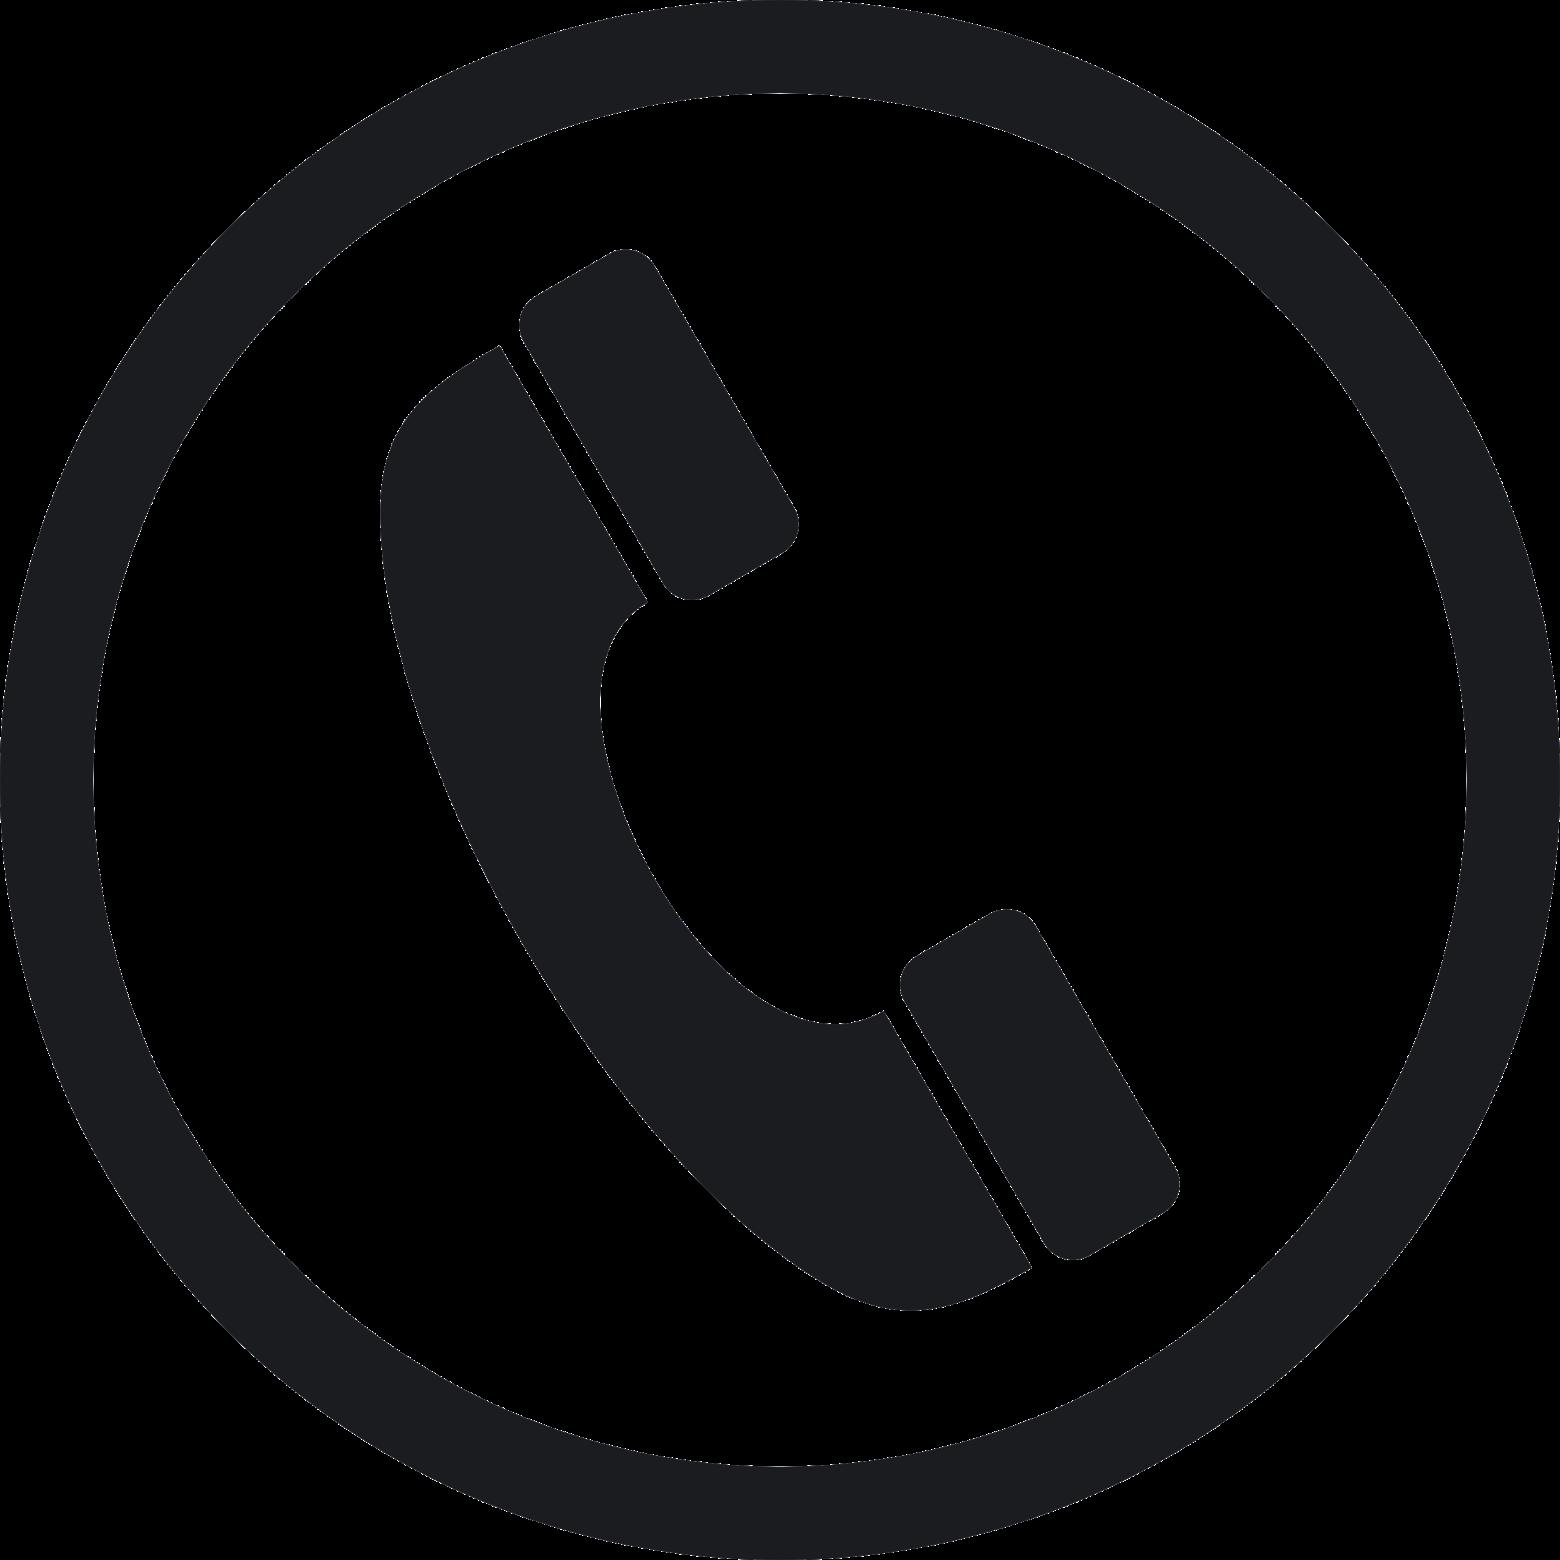 """Résultat de recherche d'images pour """"icone telephone"""""""